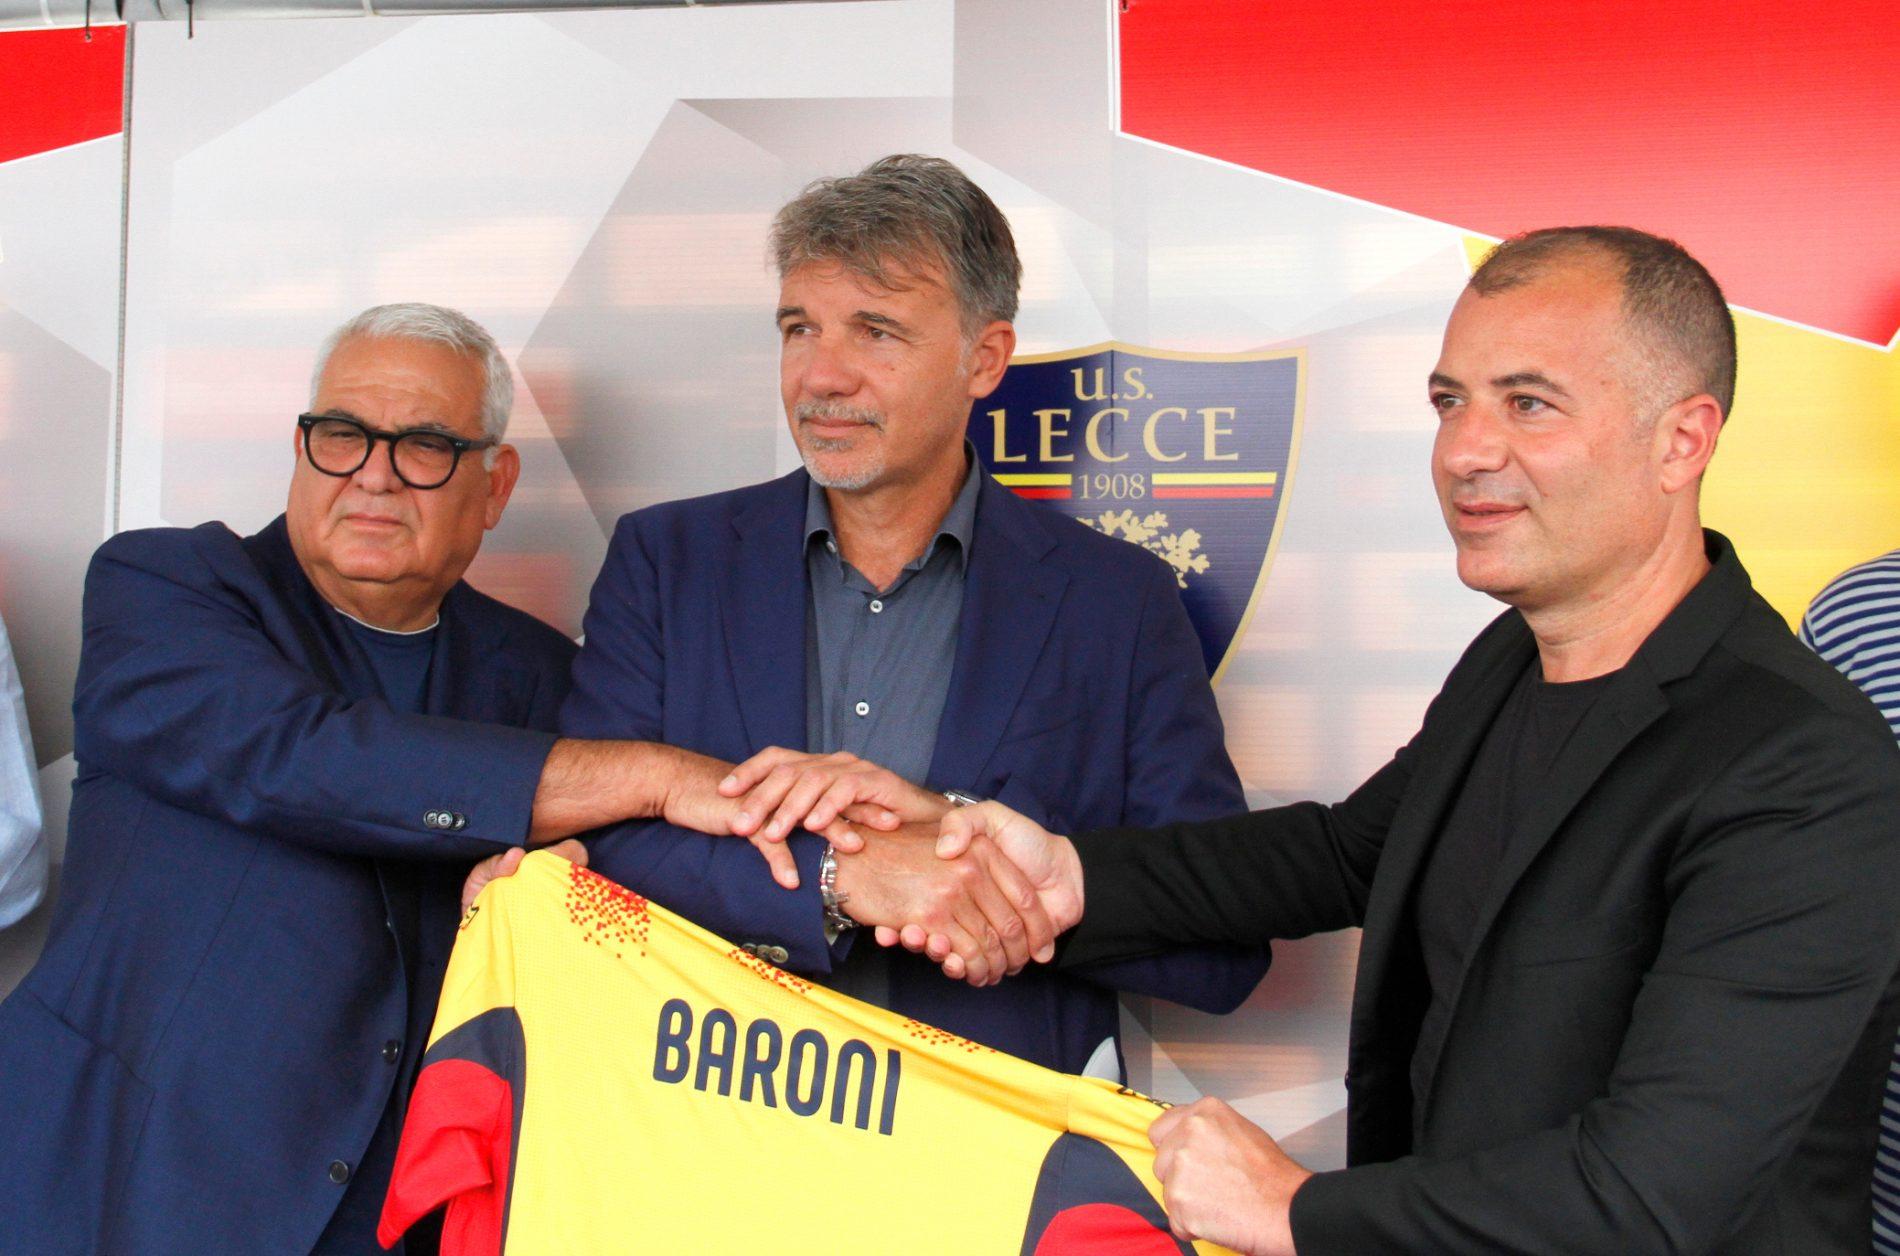 U.S. Lecce: Conferenza stampa di presentazione di mister Marco Baroni